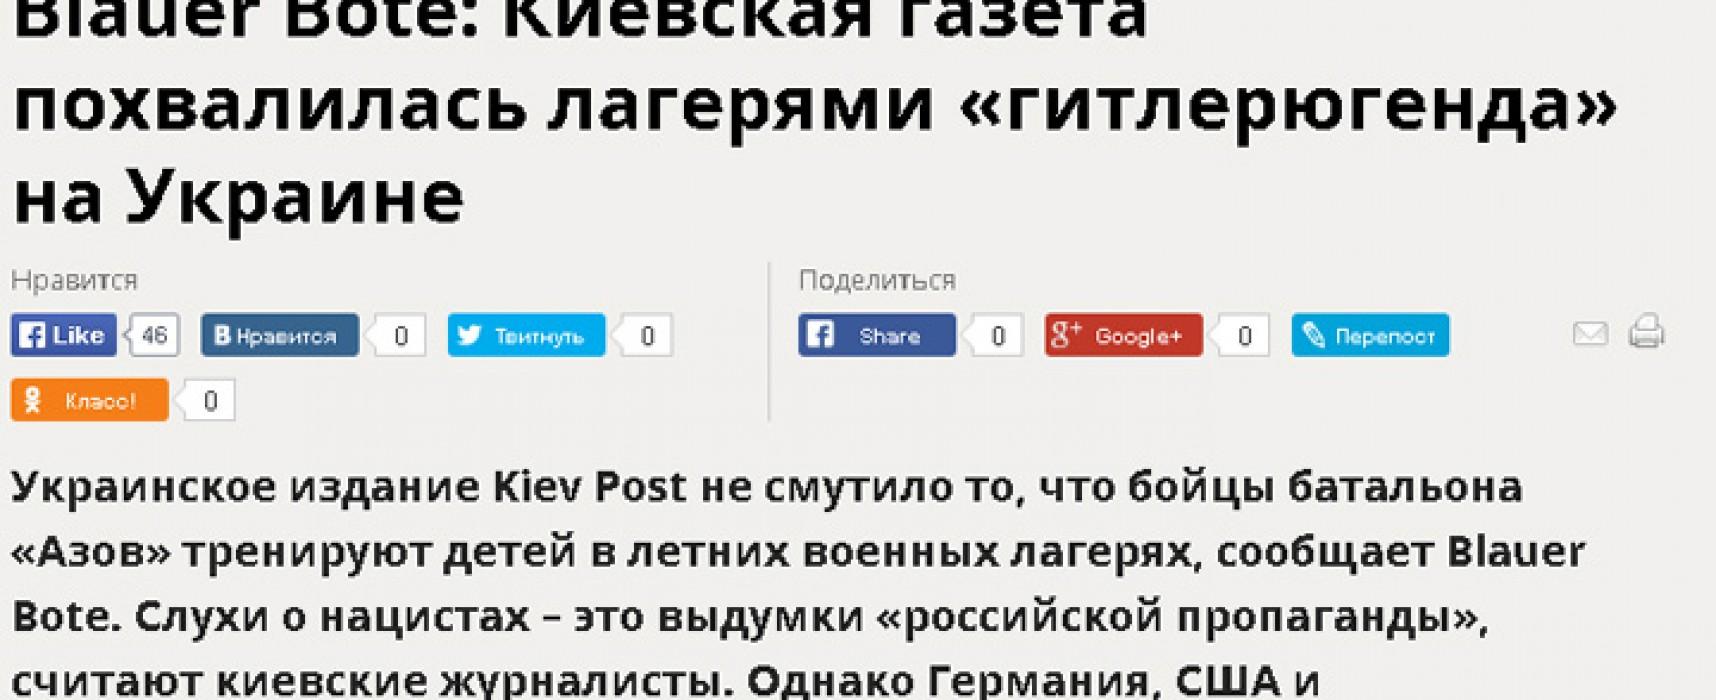 Publicaţiile ruseşti şi separatiste continuă să prezinte bloguri anonime drept presă oficială